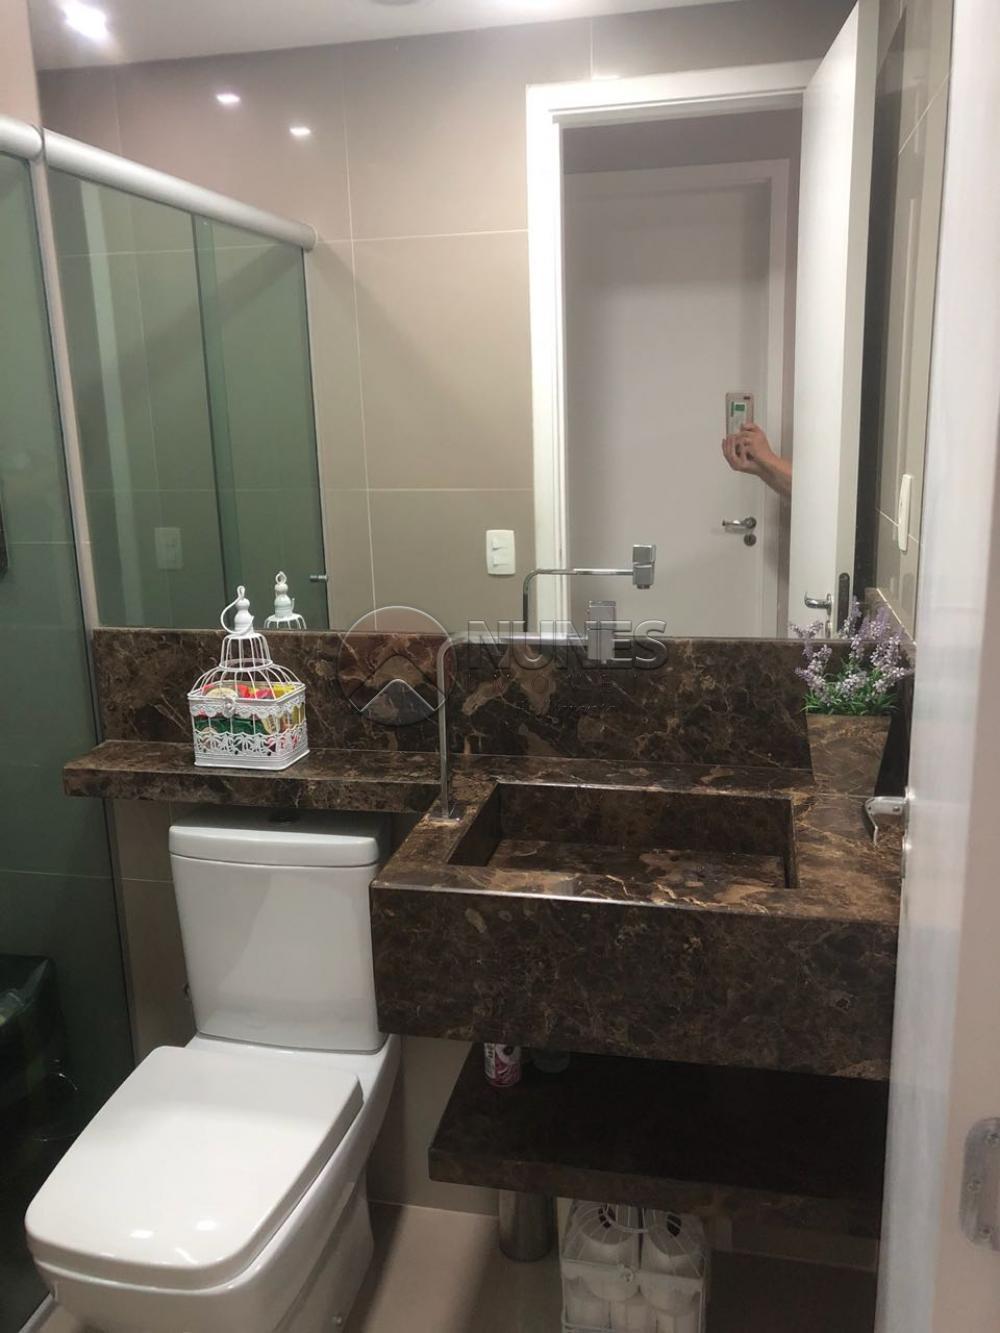 Comprar Apartamento / Padrão em Barueri apenas R$ 405.000,00 - Foto 15